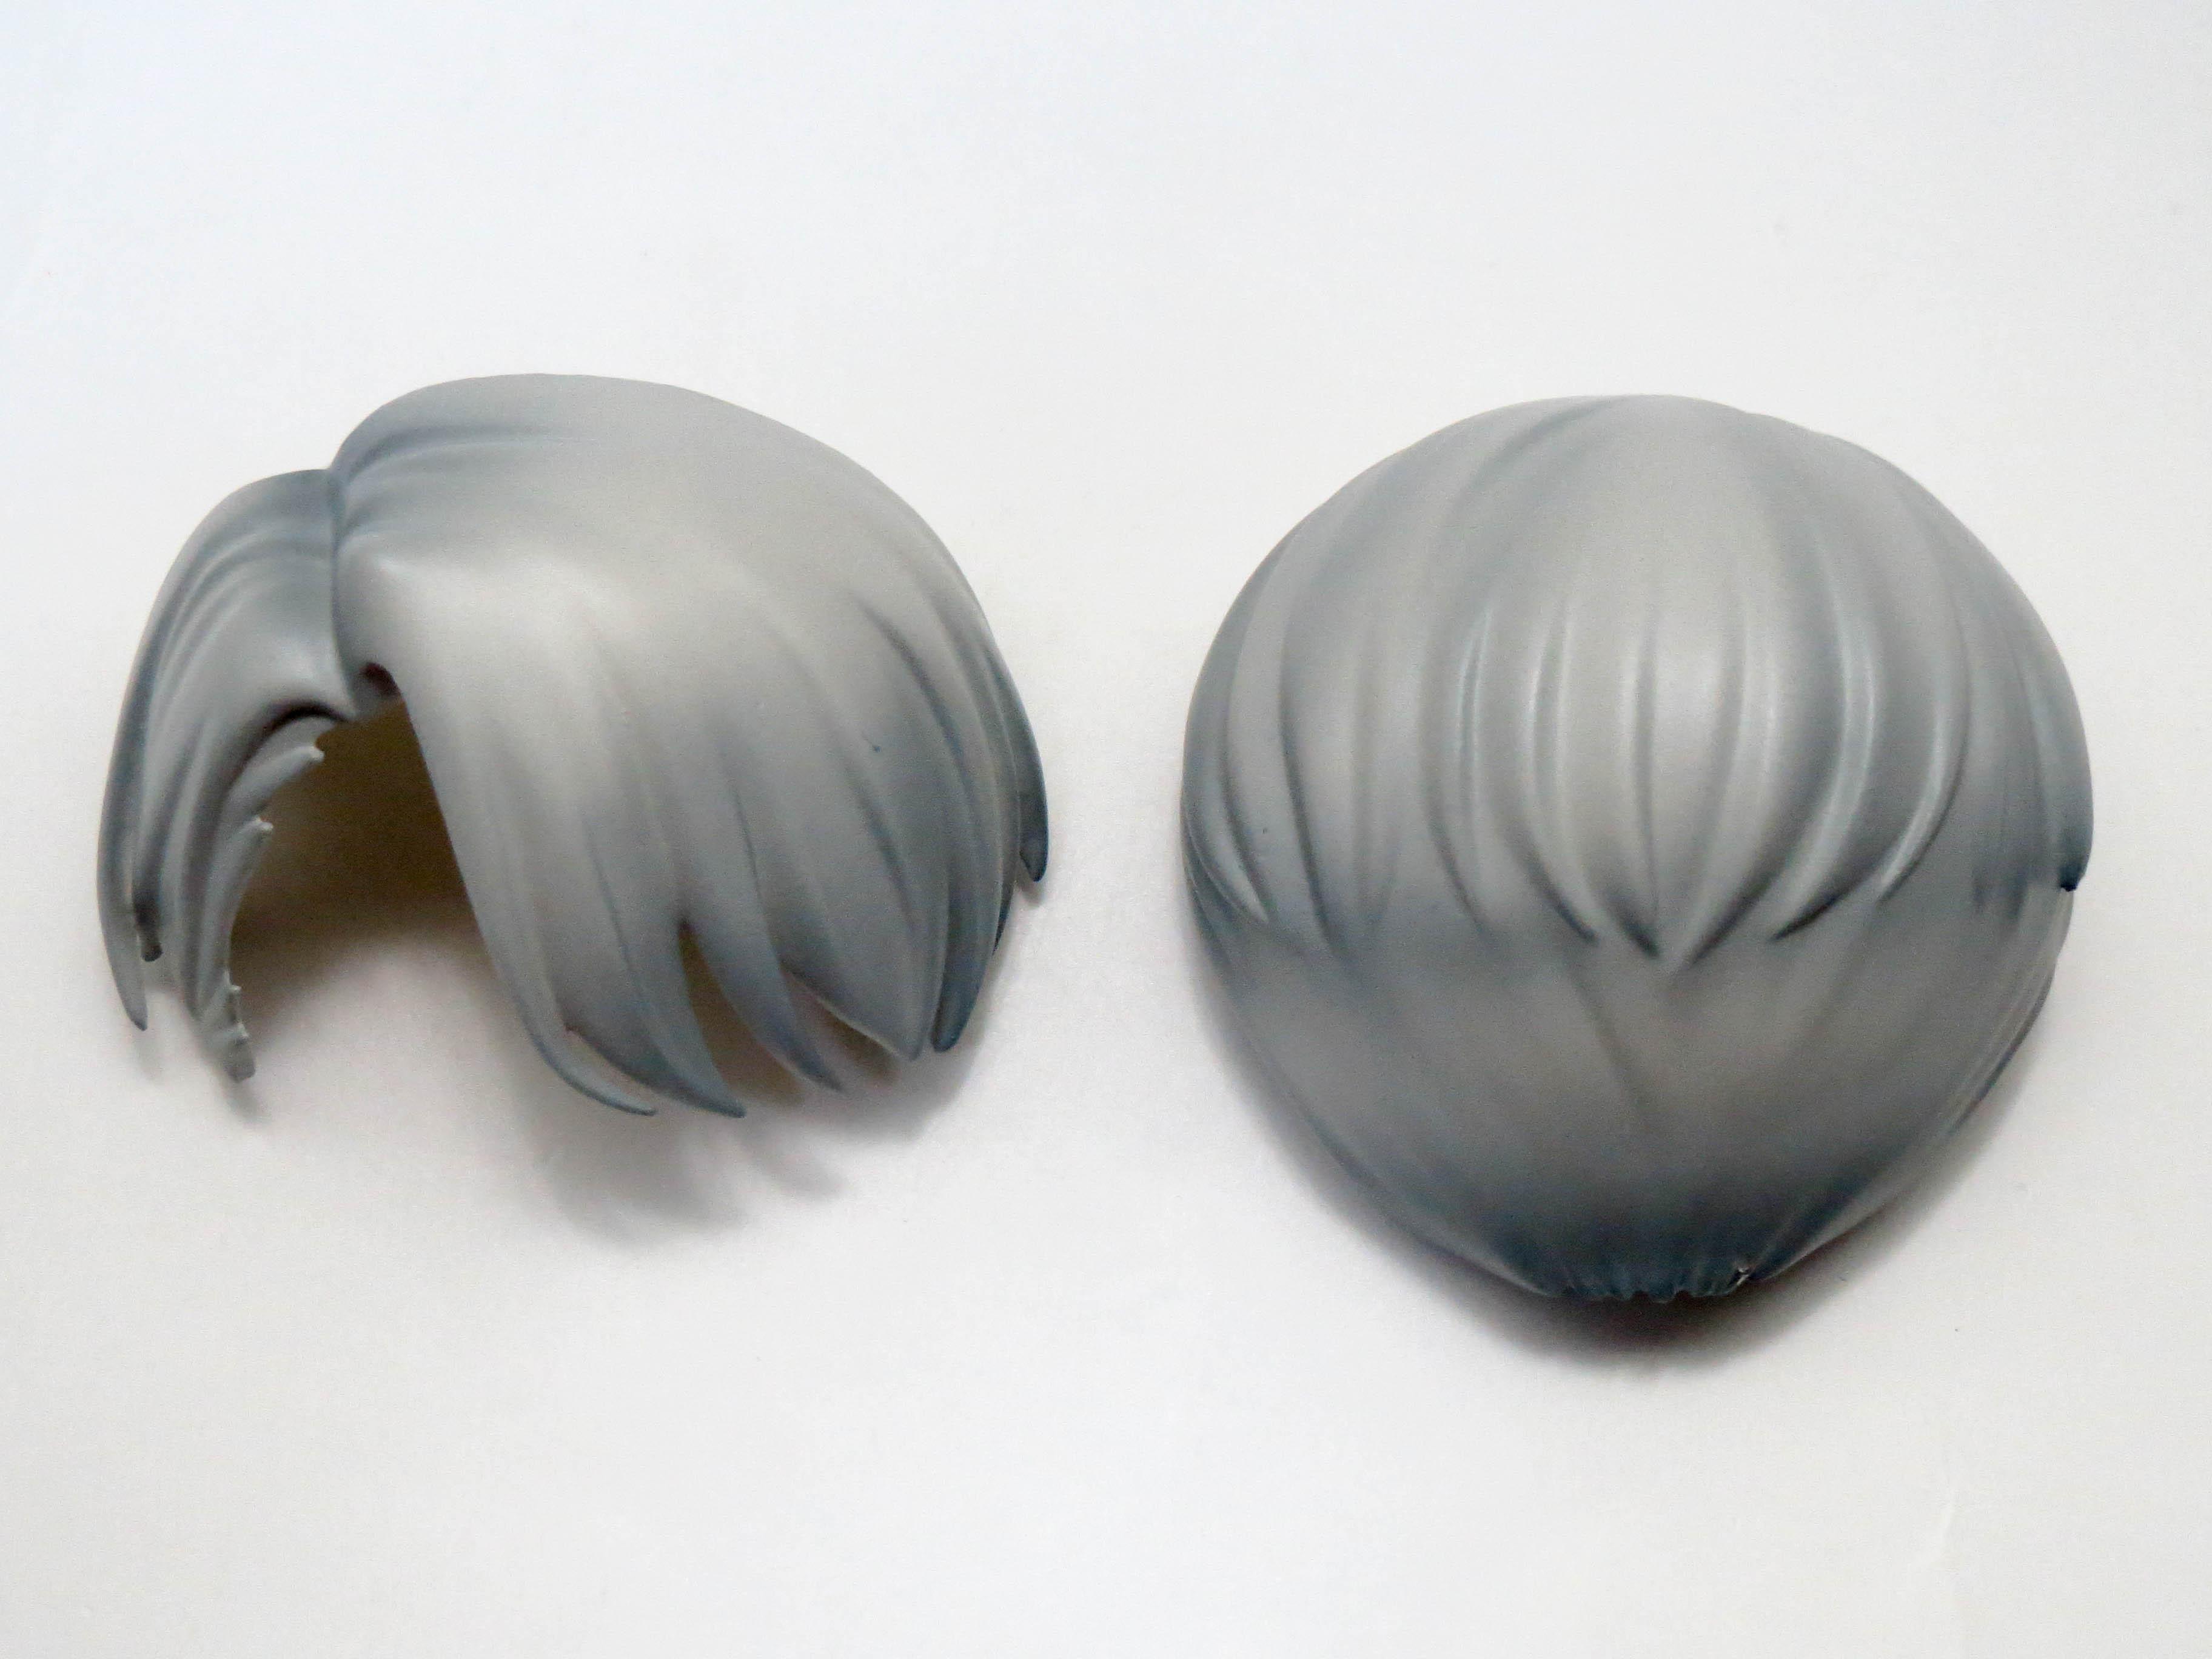 再入荷【741】 ヴィクトル・ニキフォロフ 髪パーツ ショート ねんどろいど